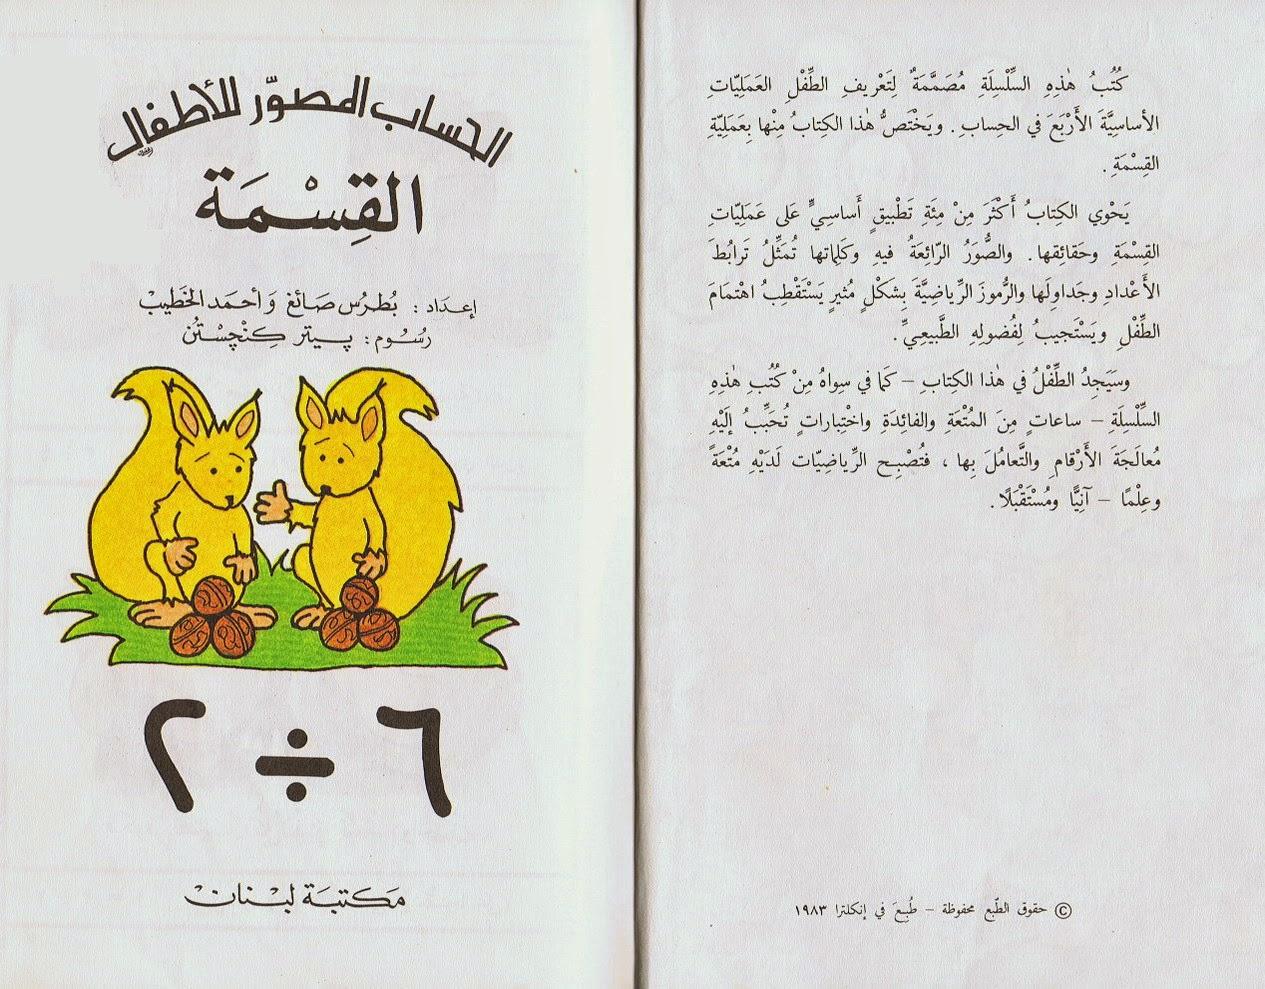 كتاب تعليم القسمة لأطفال الصف الثالث بالألوان الطبيعية 2015 CCI05062012_00031.jp